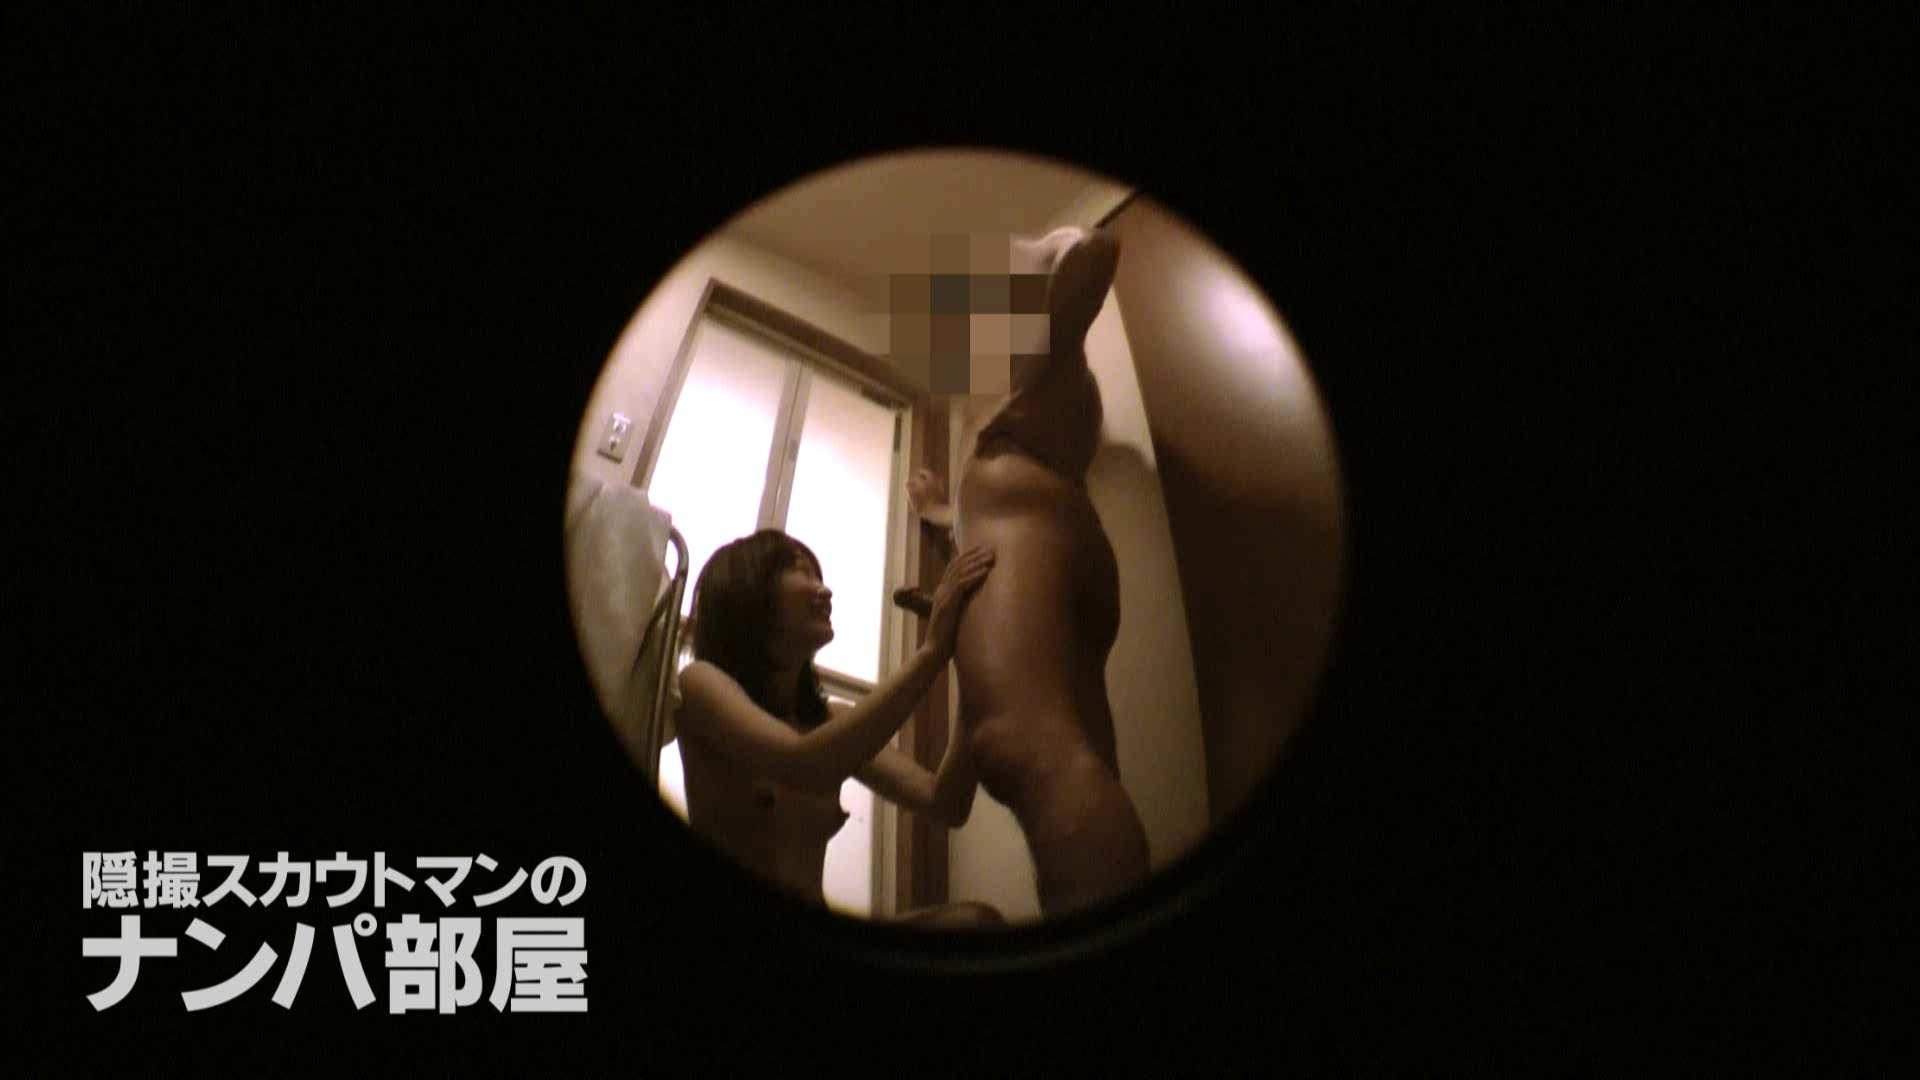 隠撮スカウトマンのナンパ部屋~風俗デビュー前のつまみ食い~ siivol.4 ナンパ実況  10pic 5